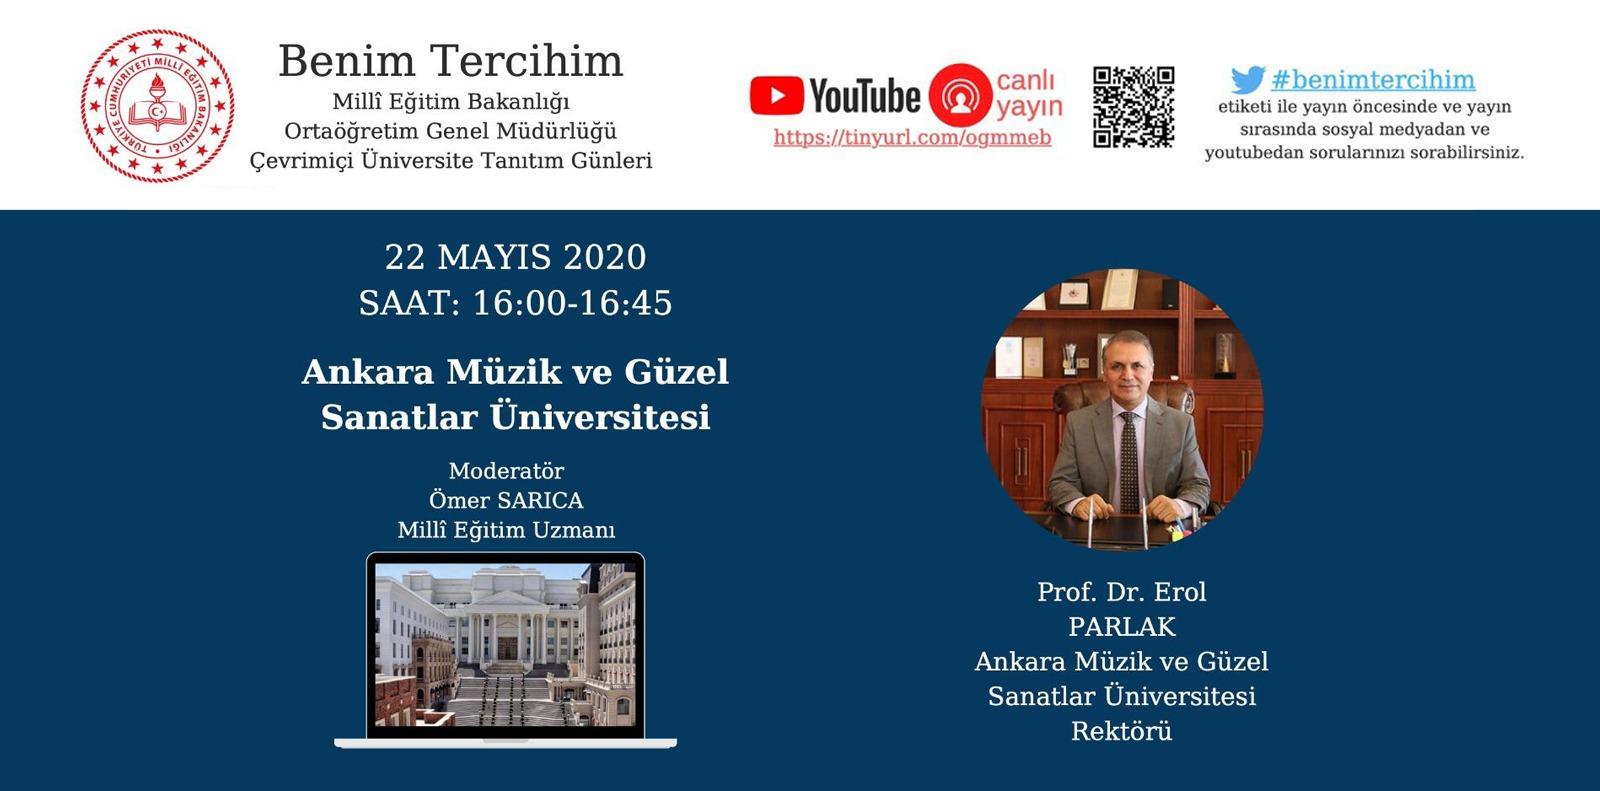 Benim Tercihim Ankara Müzik ve Güzel Sanatlar Üniversitesi